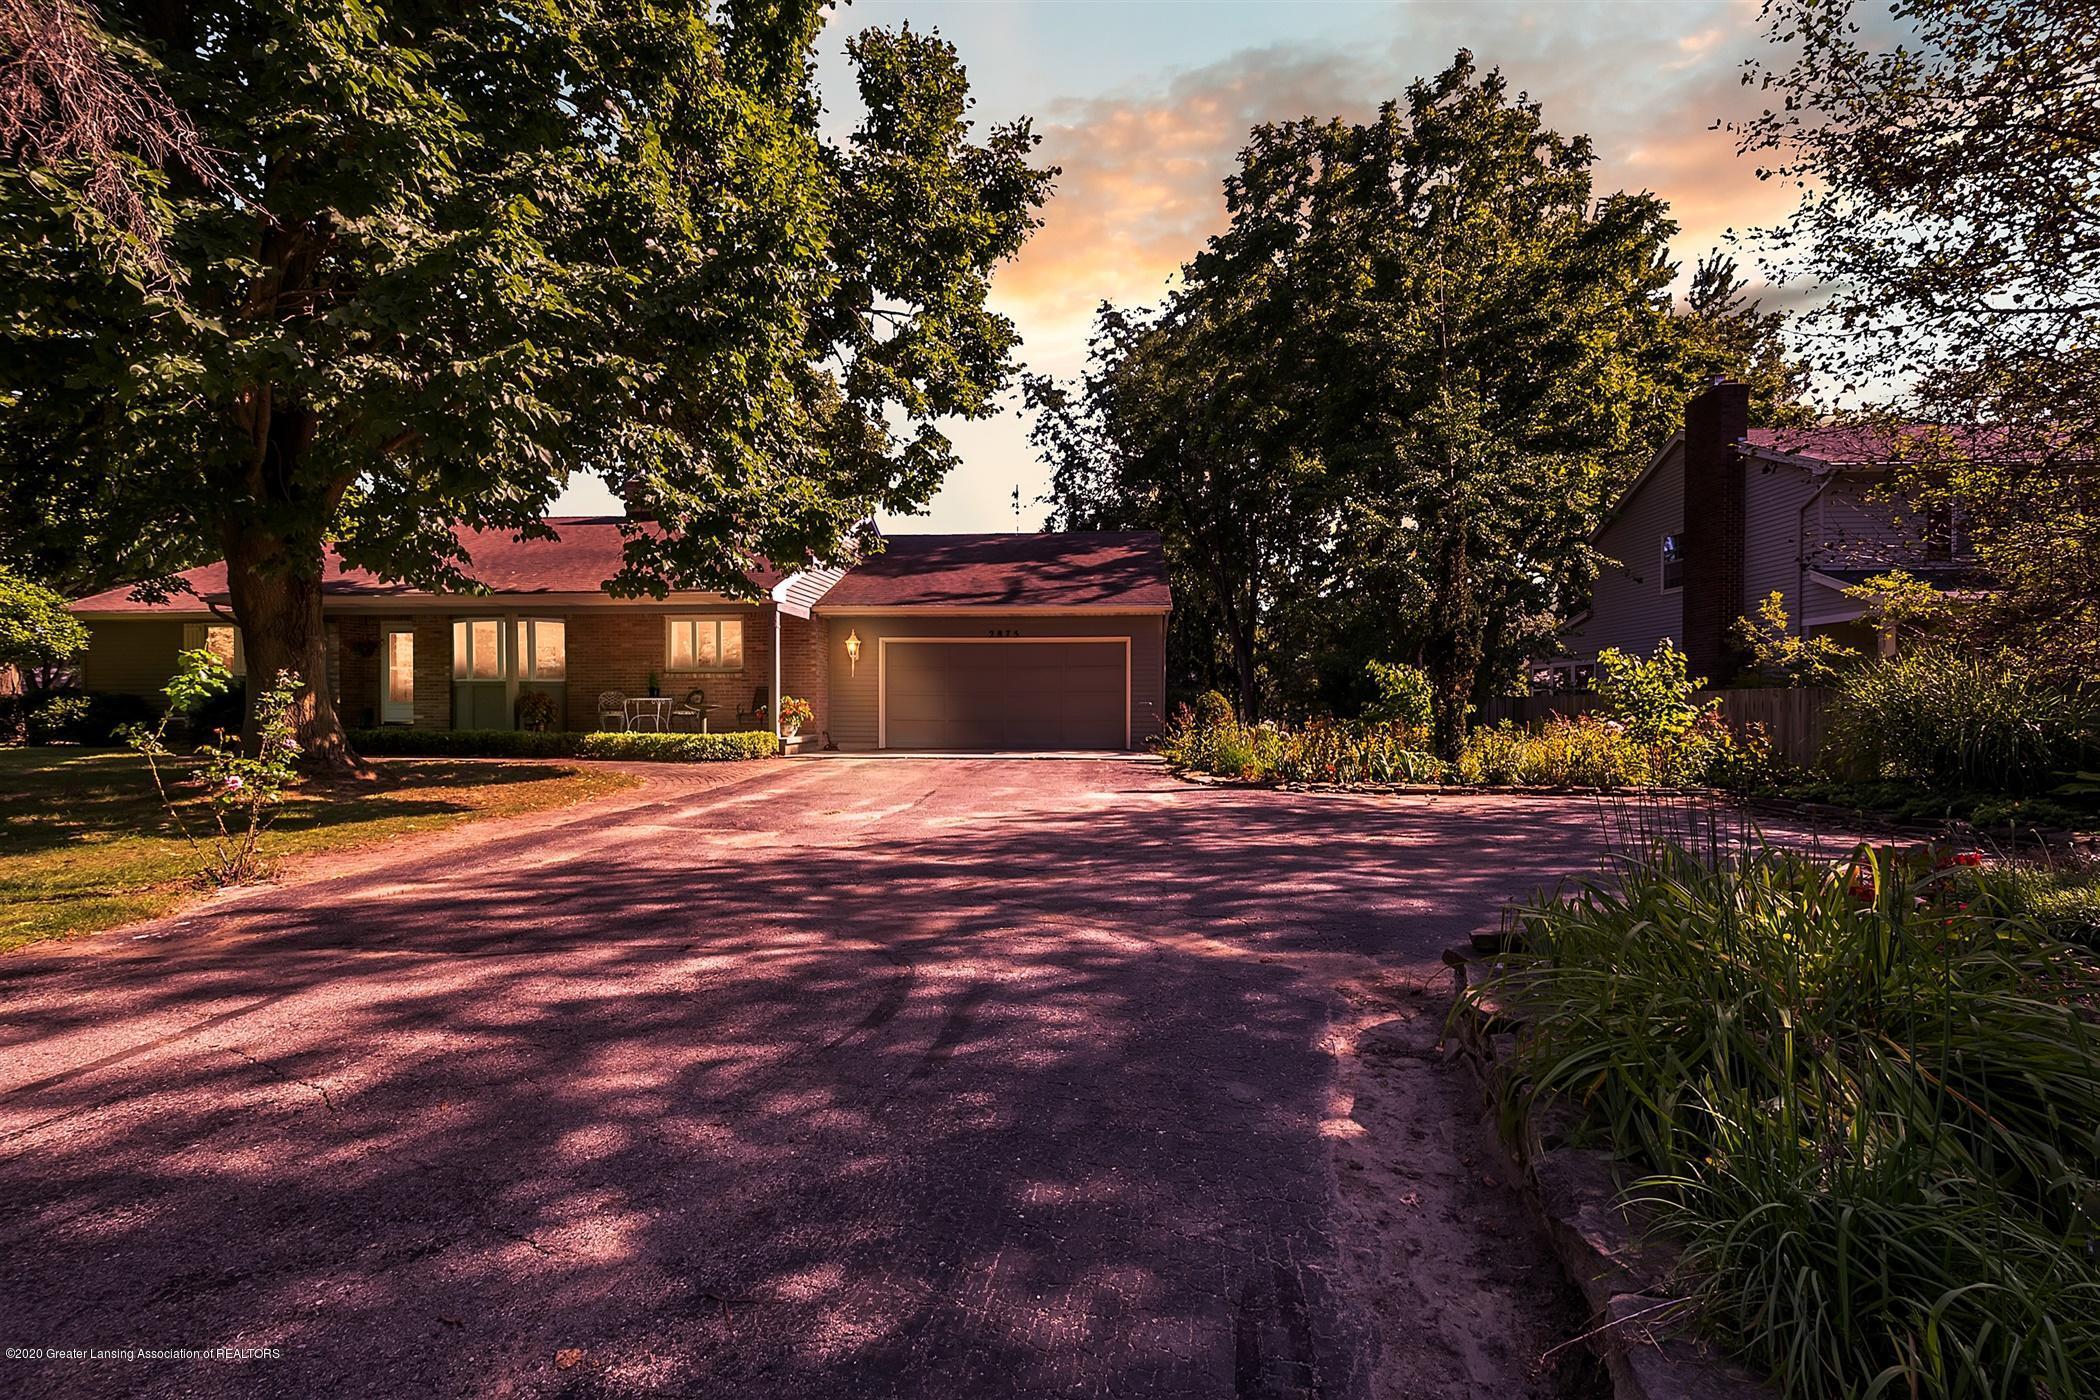 2875 E Lake Lansing Rd - 01-2875 E Lake Lansing Rd-windowsti - 1